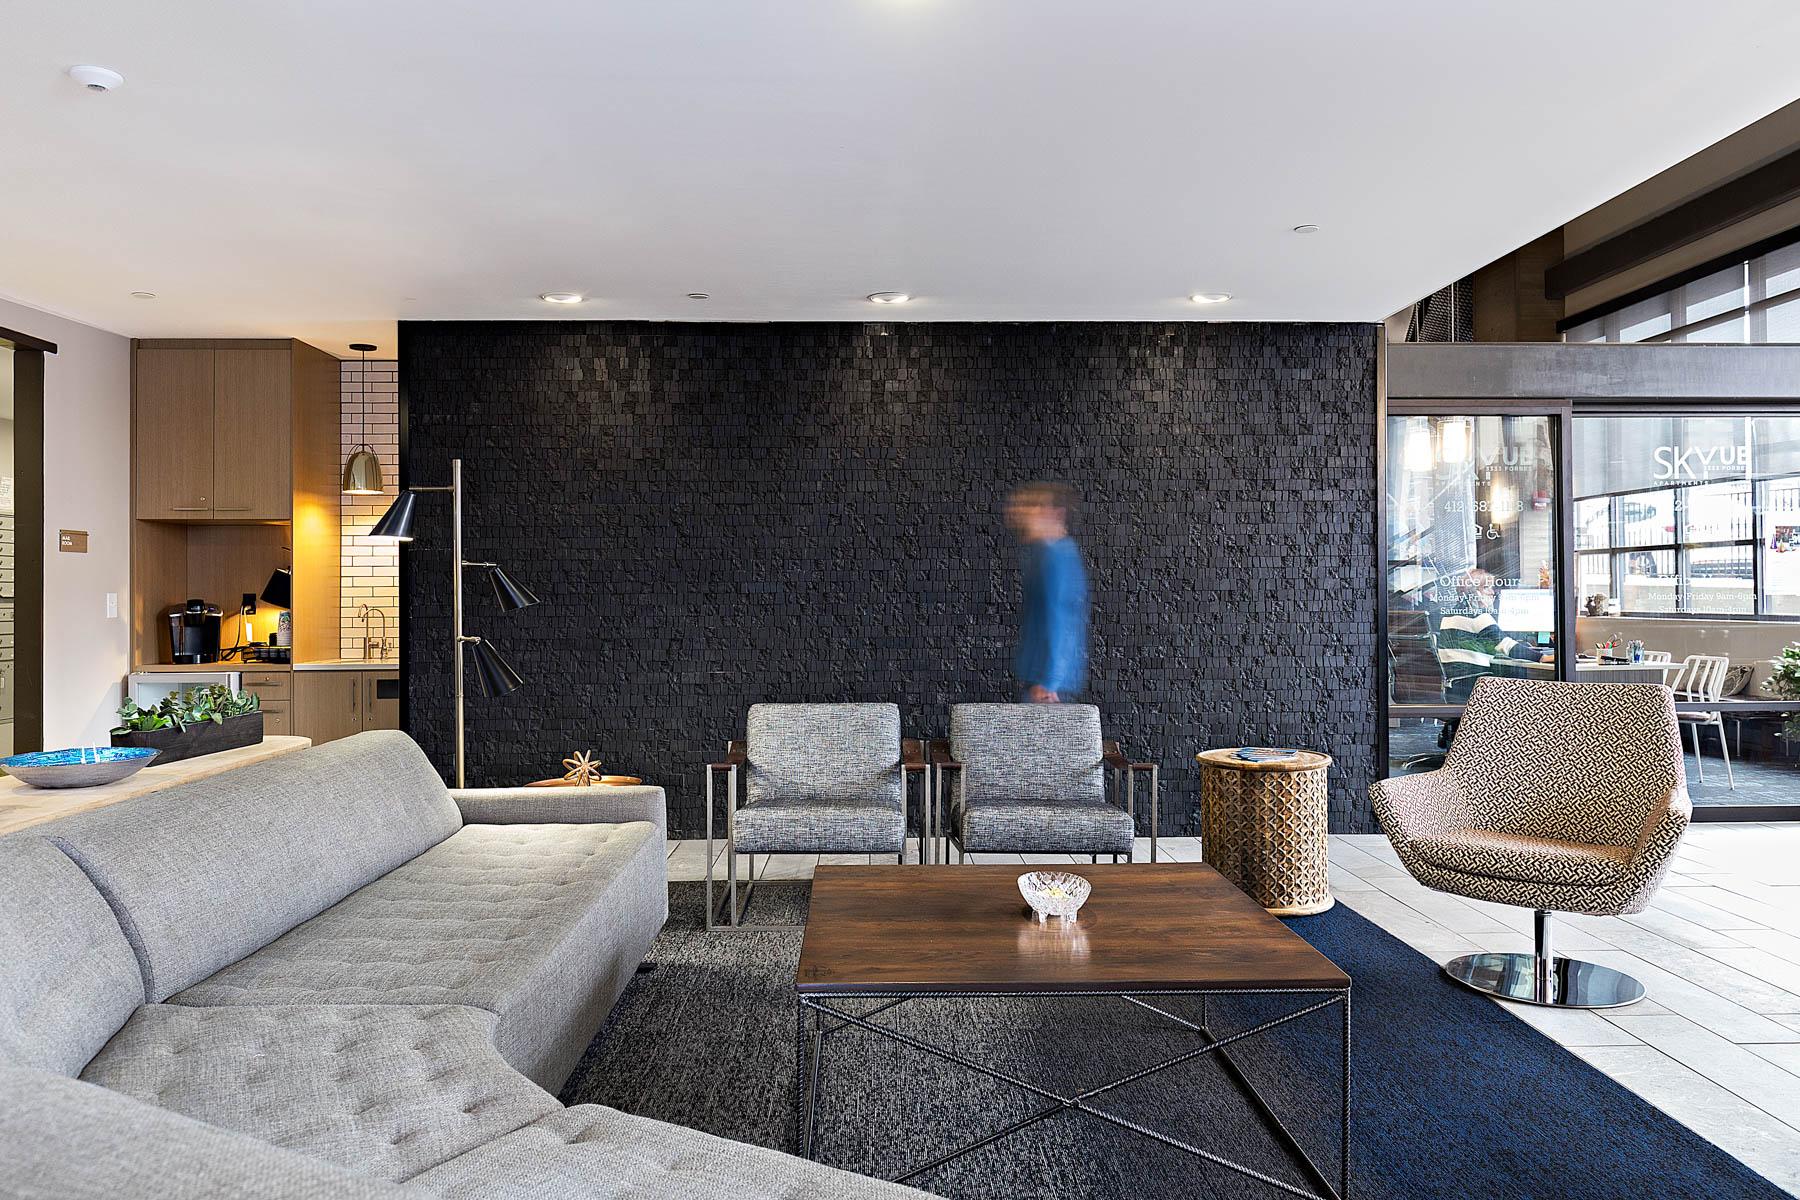 SkyVue-Apartments-09.jpg